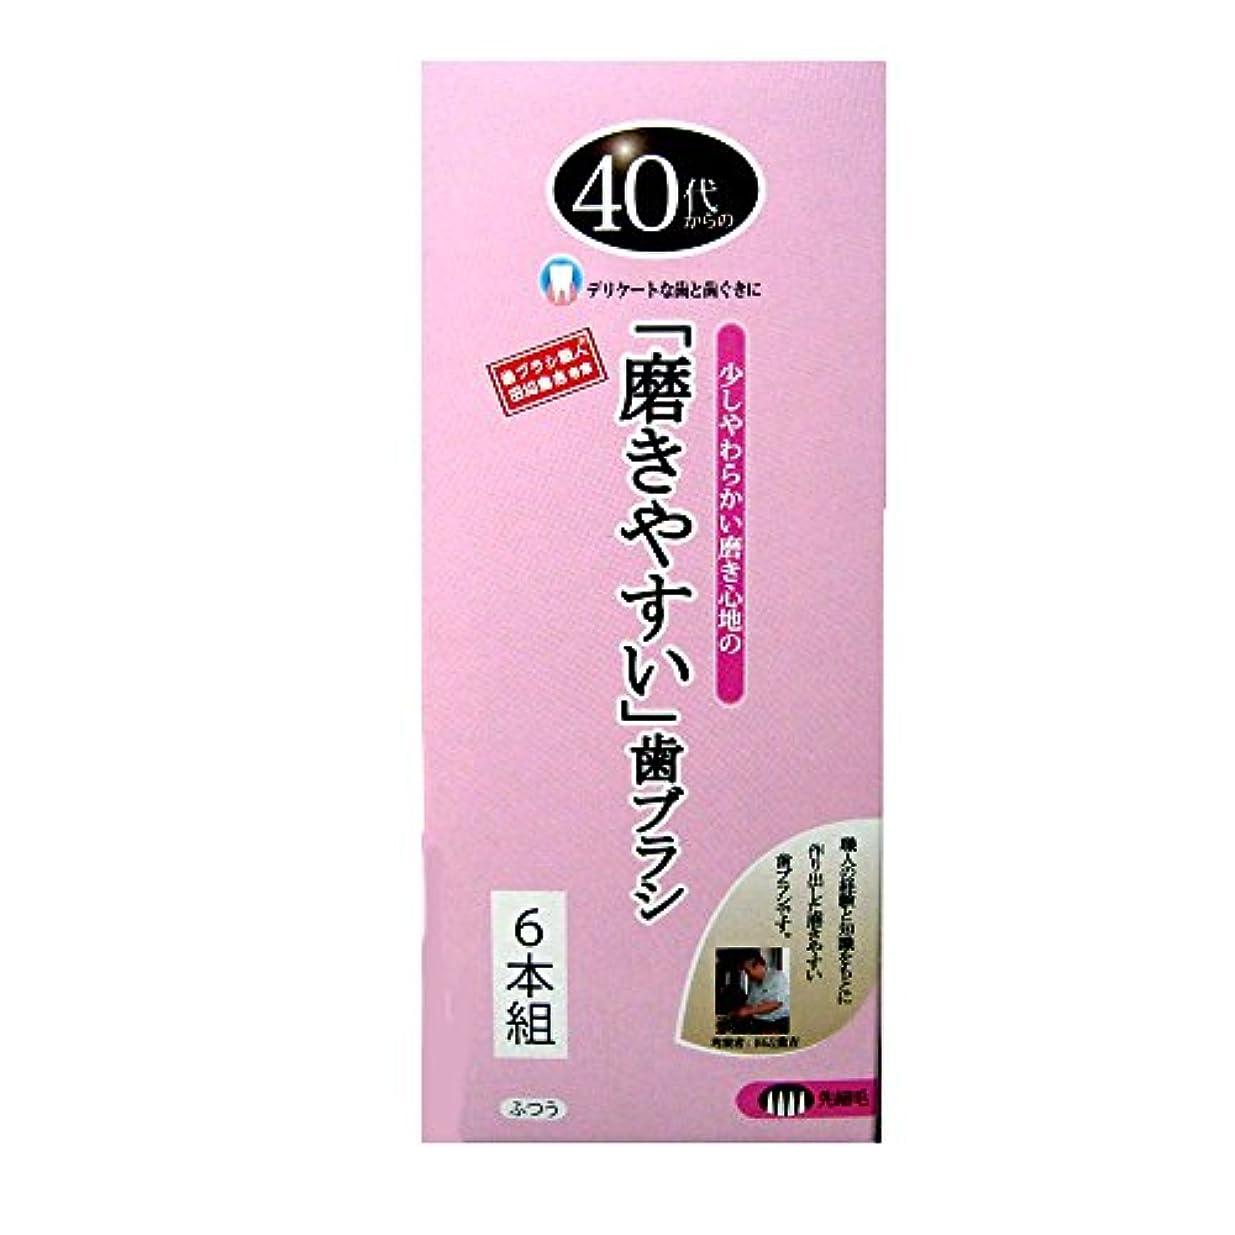 手書きプログラム言い聞かせるライフレンジ 磨きやすい歯ブラシ 40代から ふつう LT-115 6本組 4560292169909